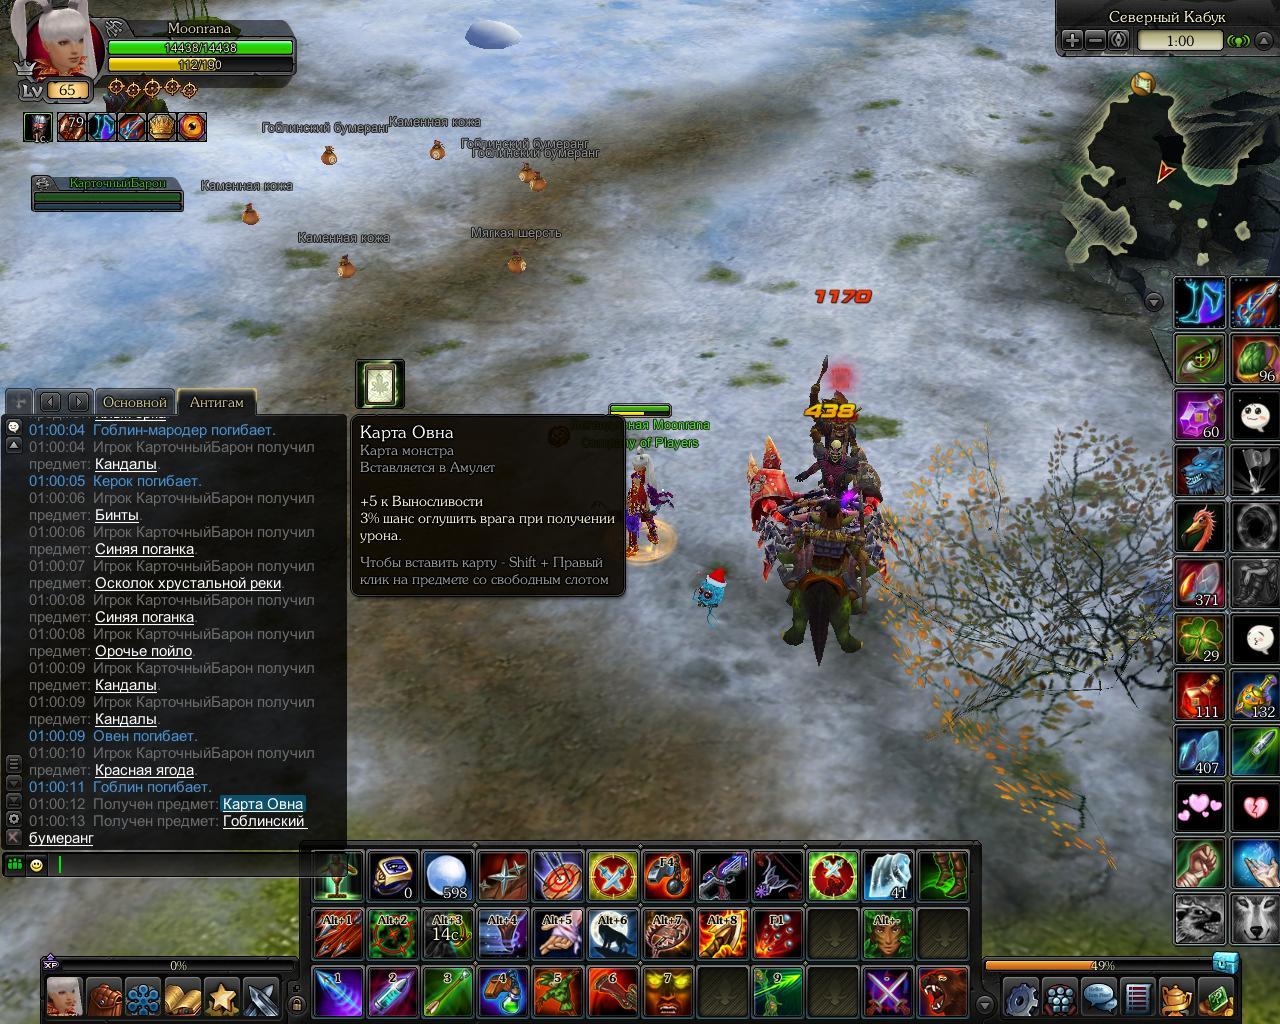 screen_190719_002.1563576753.jpg